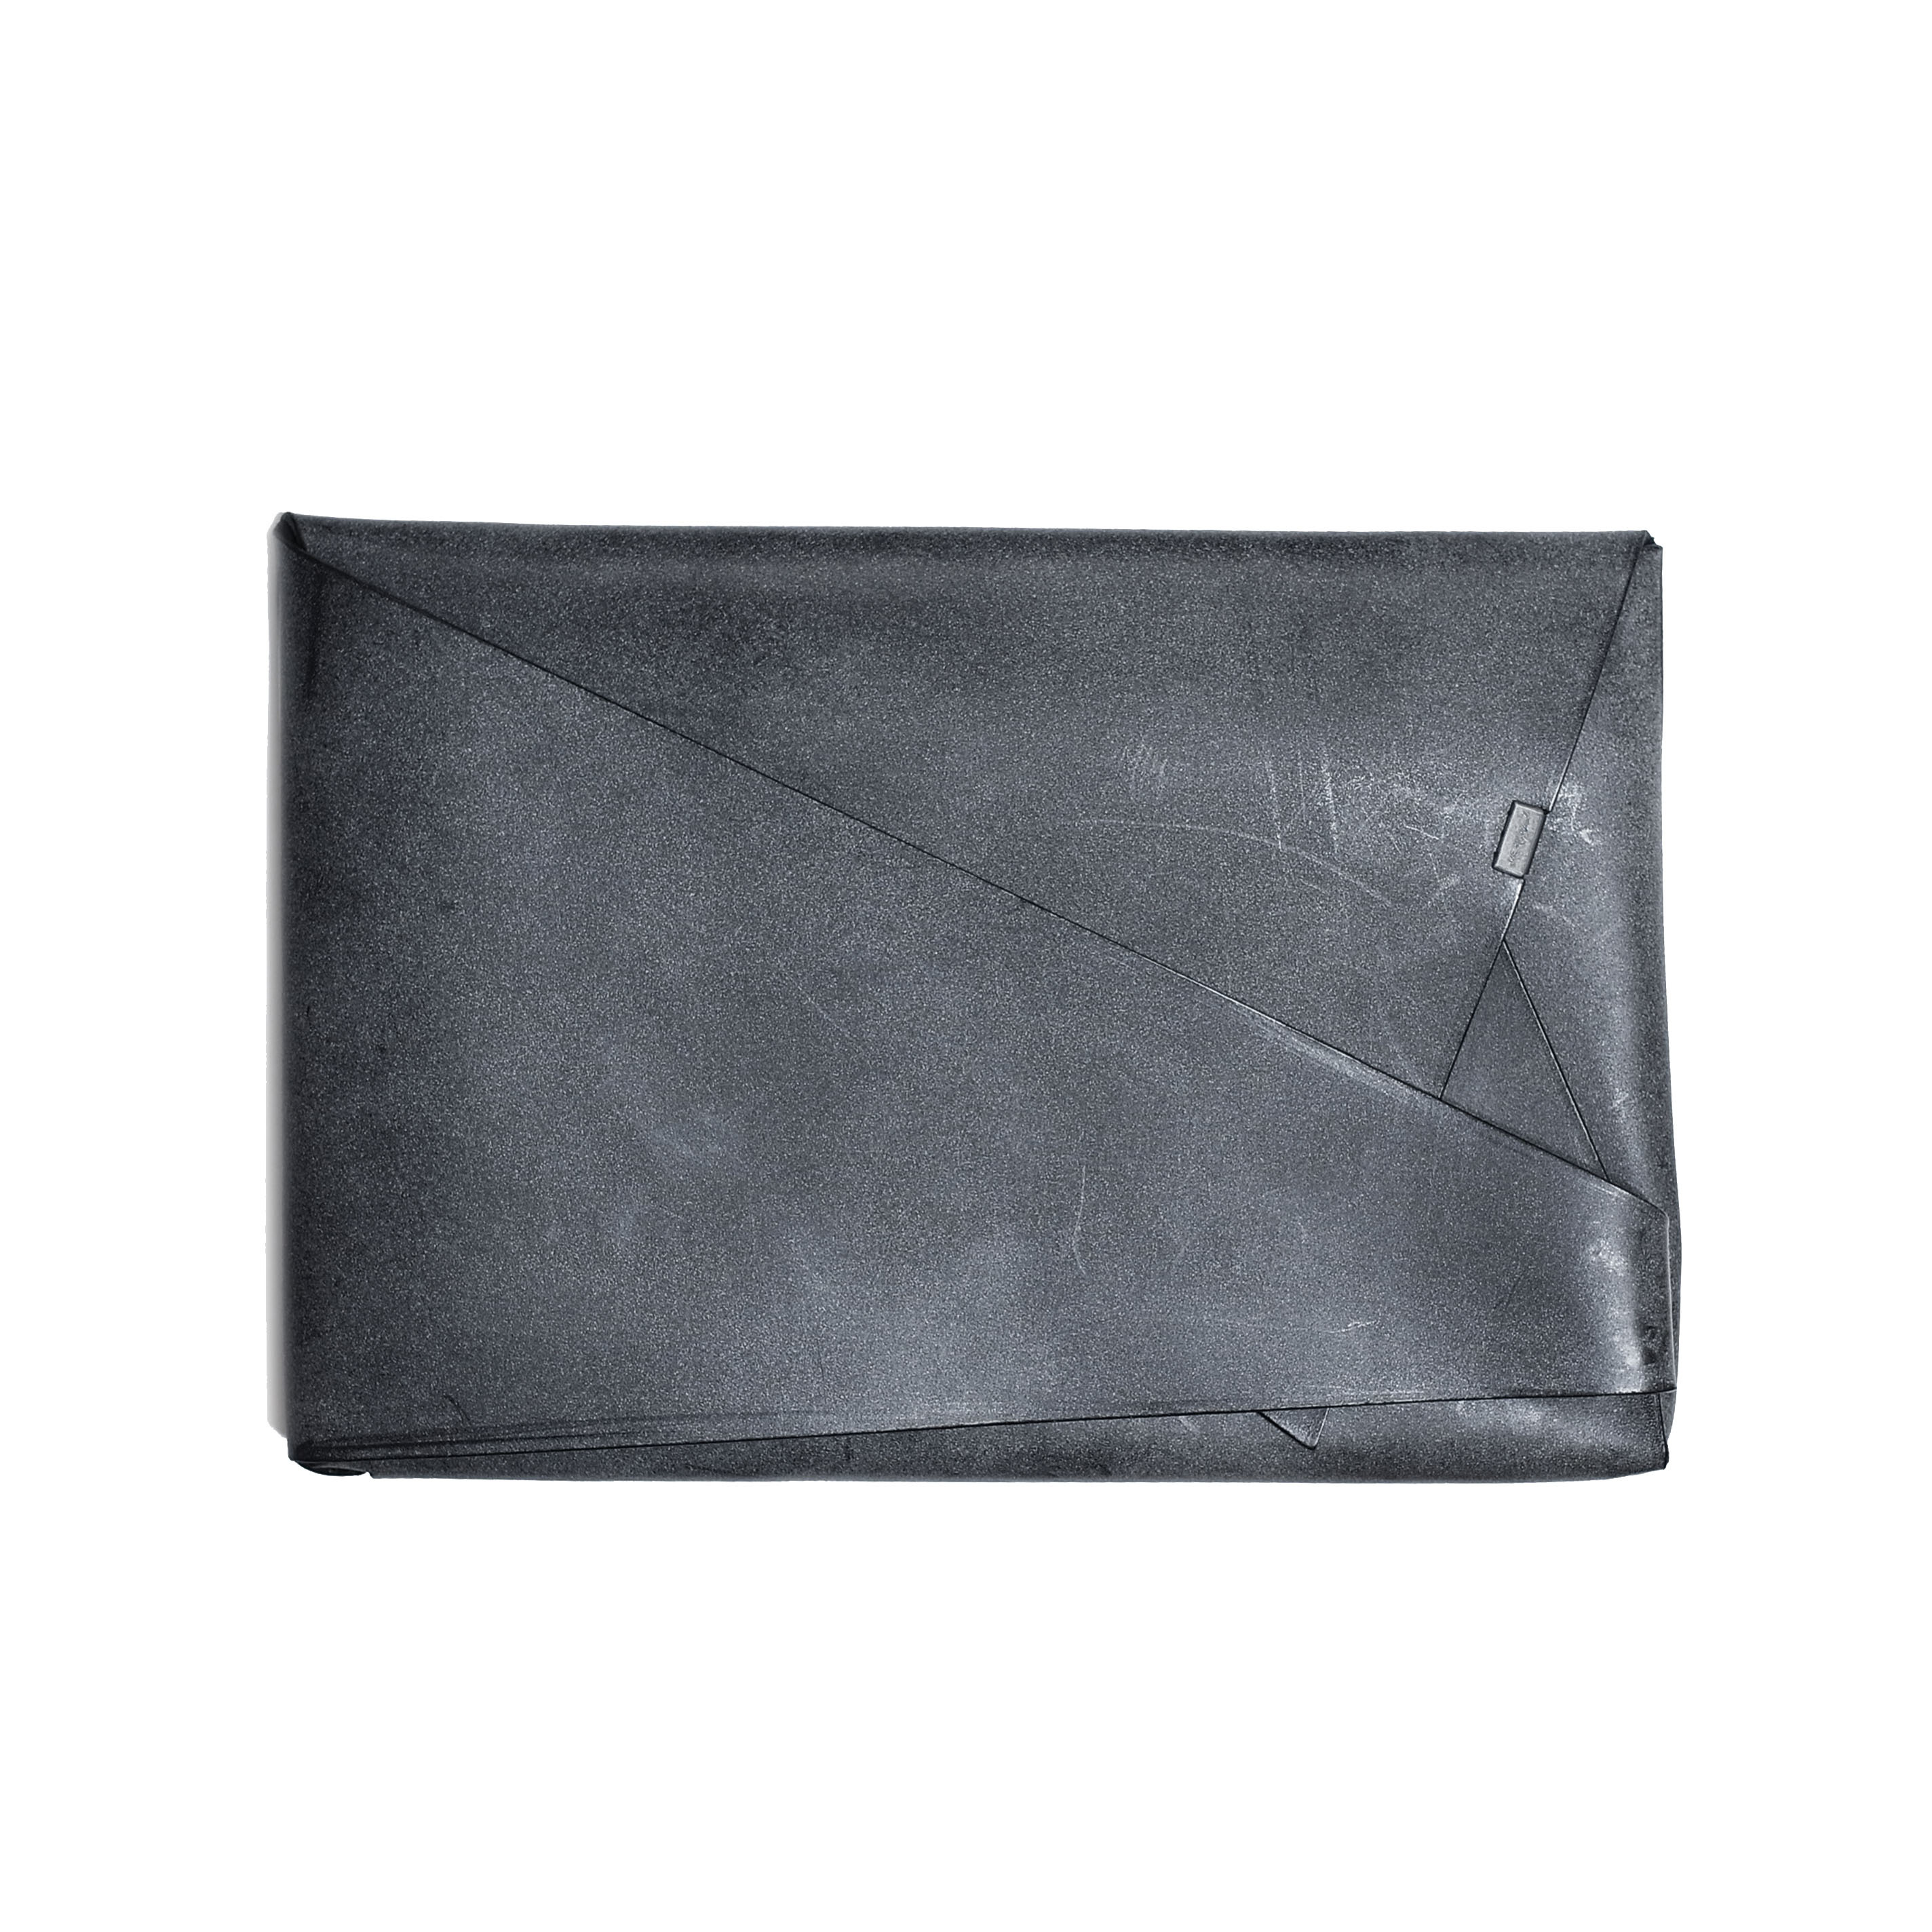 ブライドル クラッチバッグ for iPad (Sサイズ)ブラック